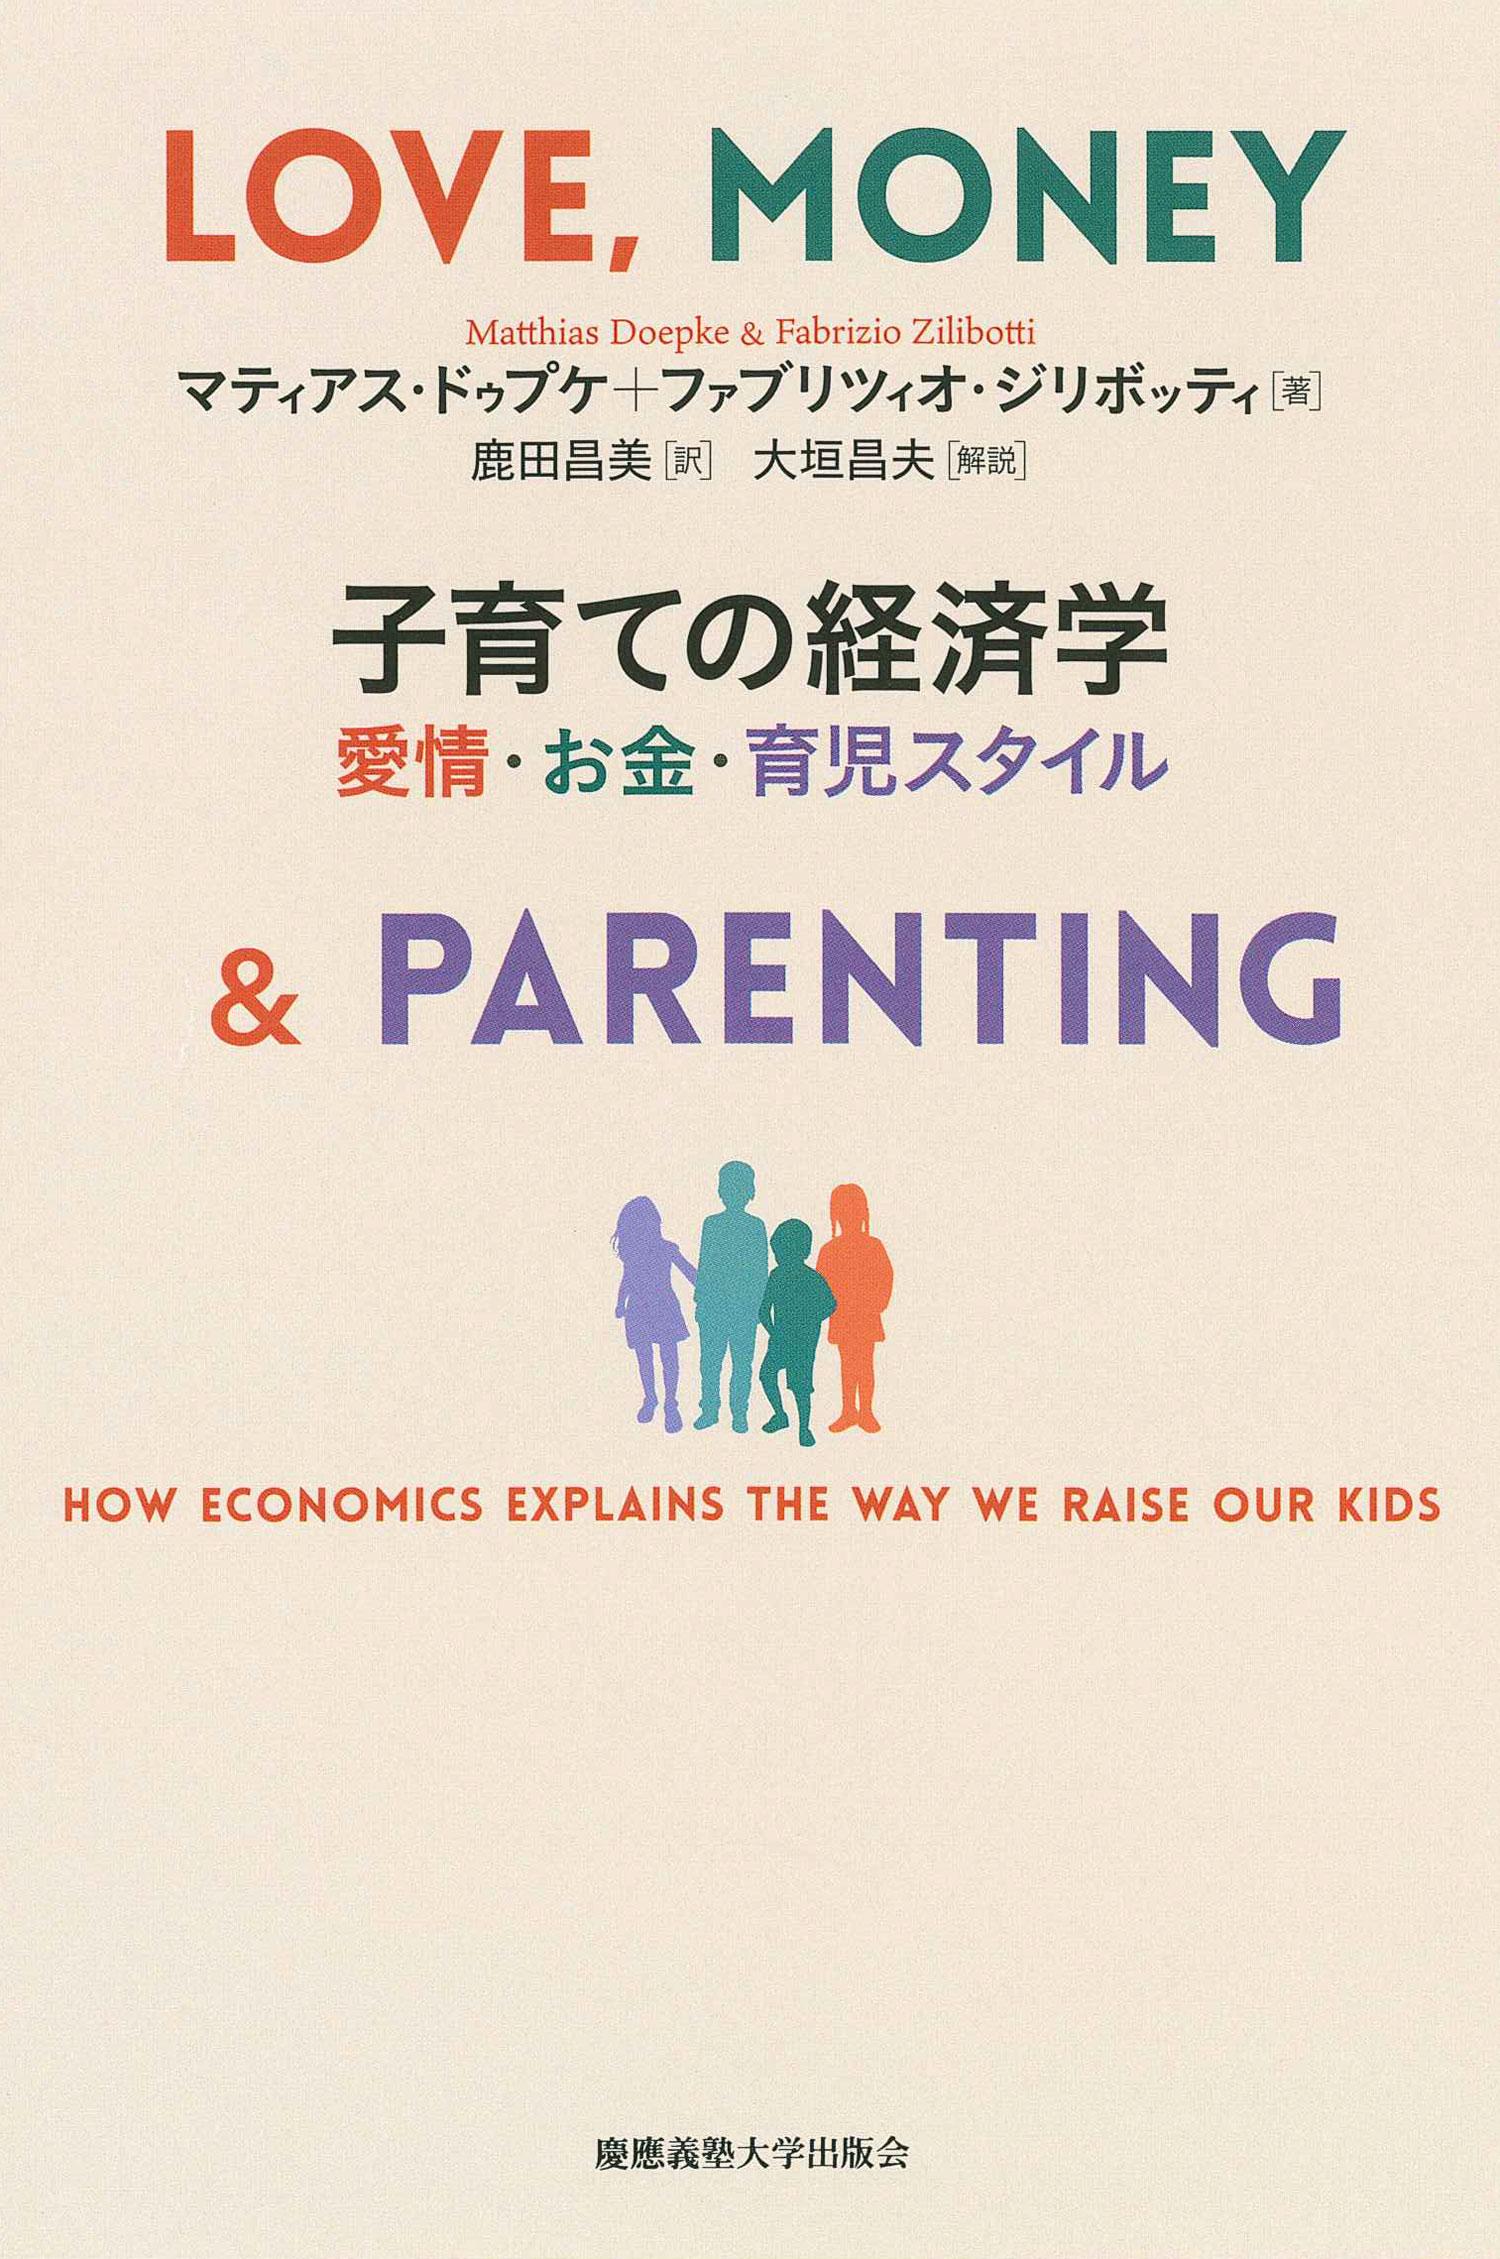 子育ての経済学 マティアス・ドゥプケ 著 ファブリツィオ・ジリボッティ 著